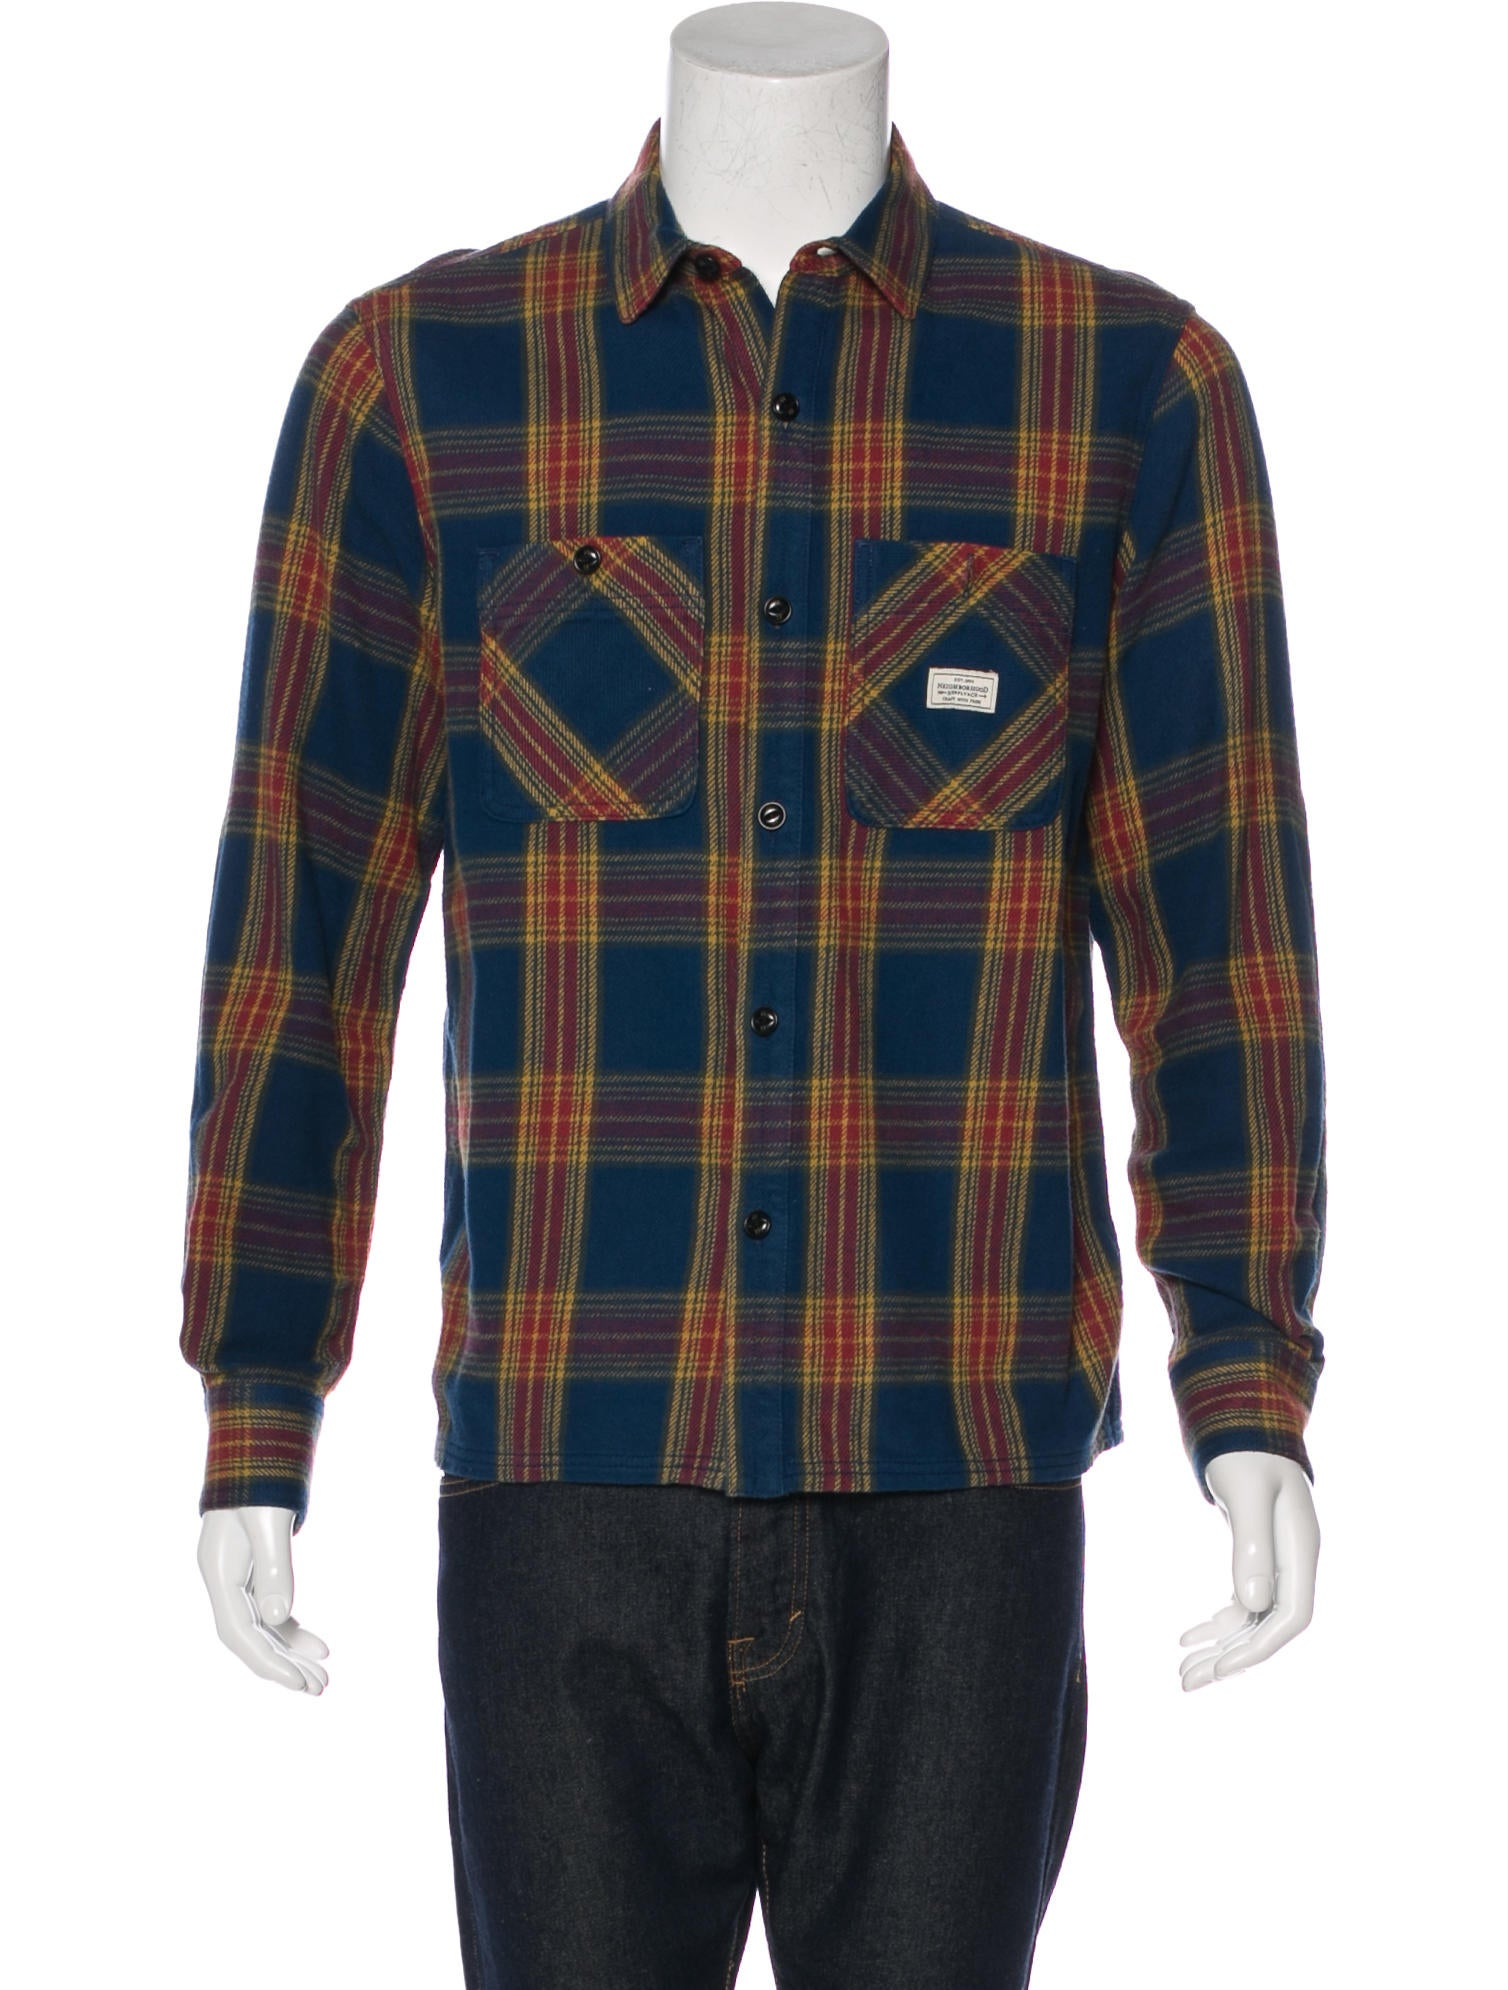 Neighborhood plaid flannel shirt clothing wnbhd20030 for Mens yellow plaid flannel shirt